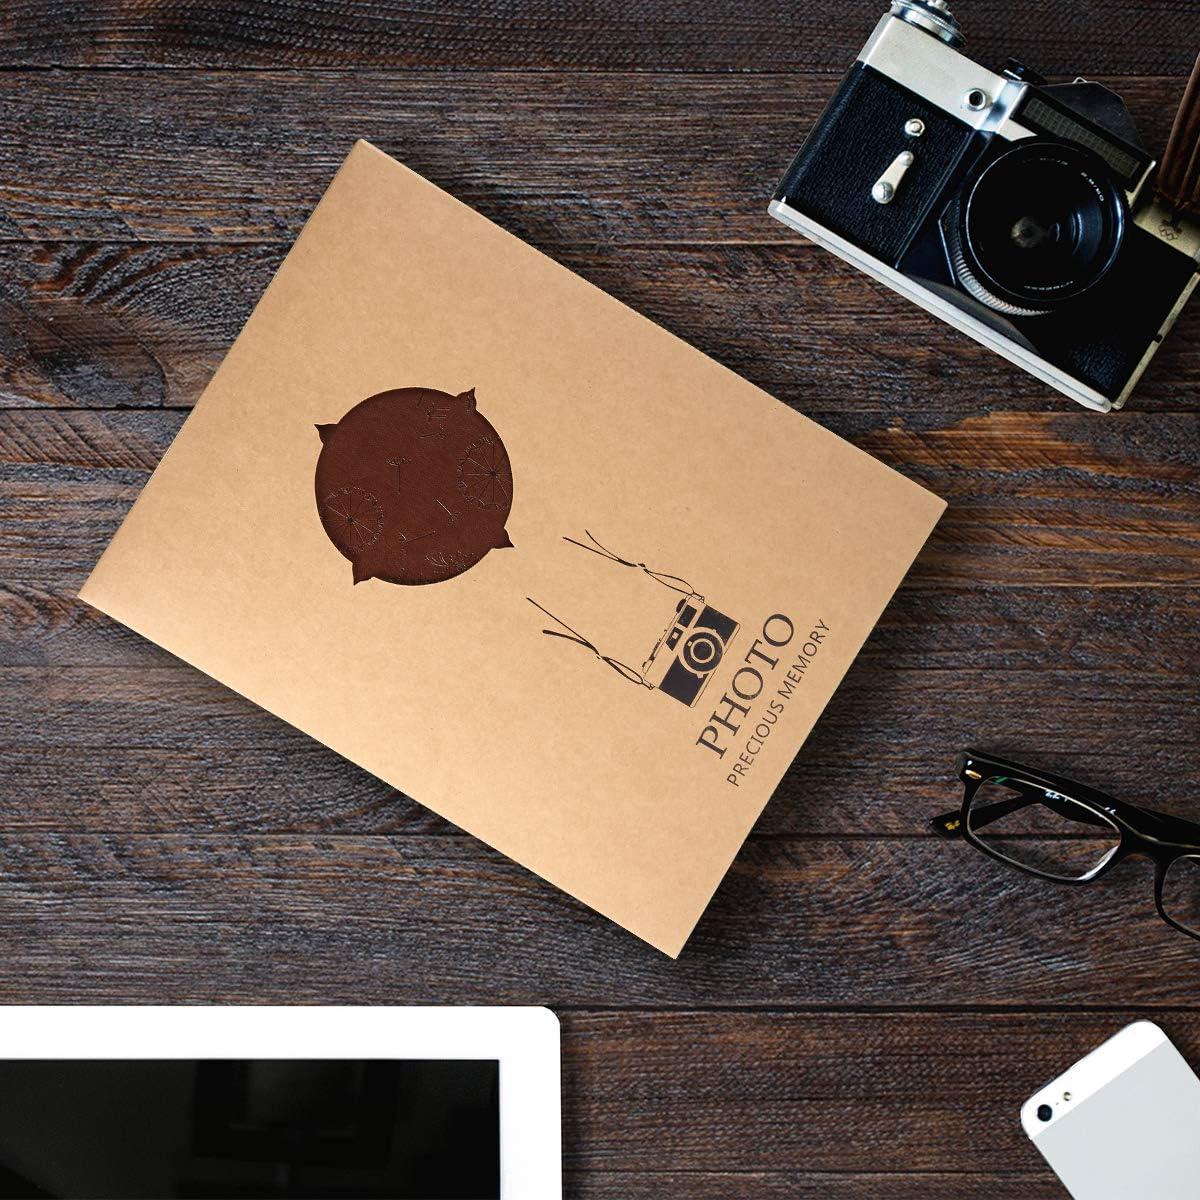 Marron L Altopbum Album Photo Scrapbooking Voyage Mariage Album Vintage Cuir Adhesif 60 Pages Noires Anniversaire Cadeau No/ël Saint Valentin Cadeaux pour Le Papa M/ère Femme Ami